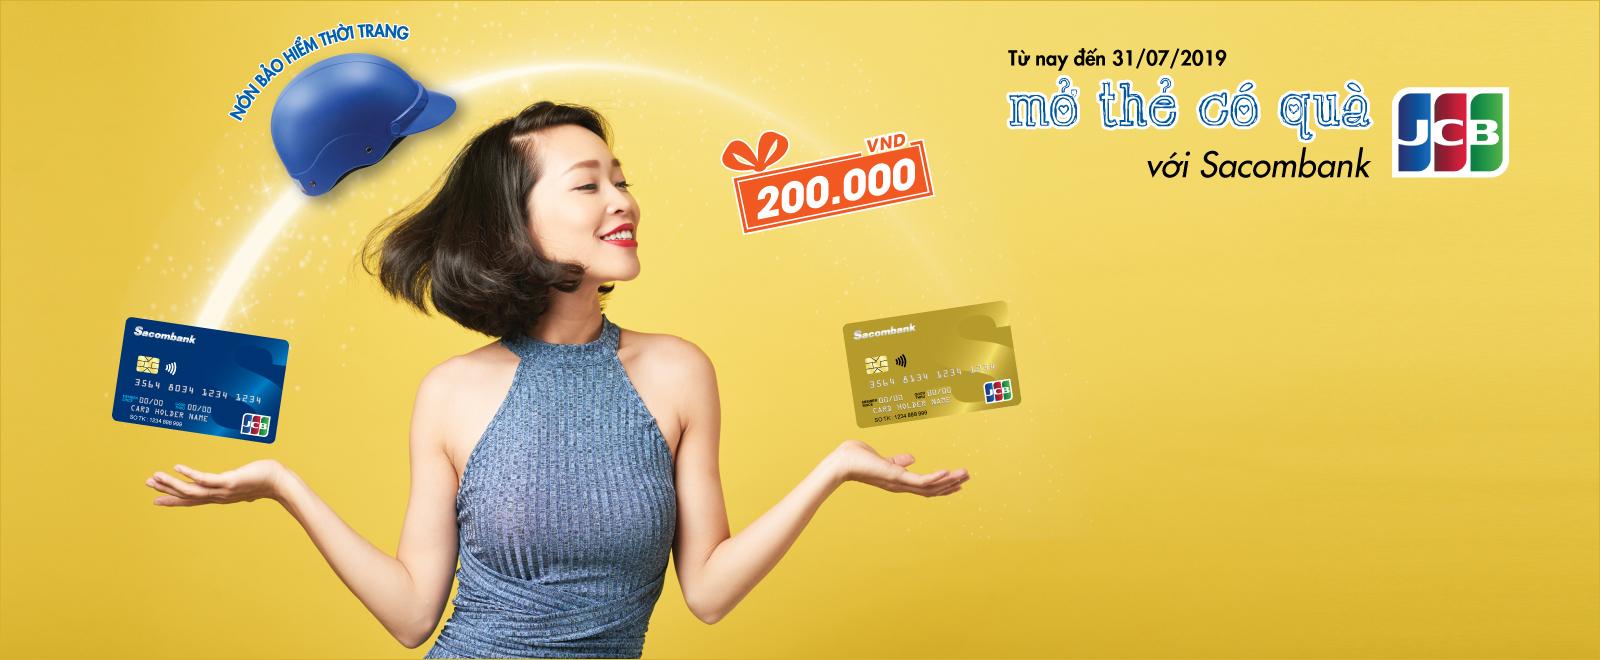 Sacombank: Mở thẻ là có quà